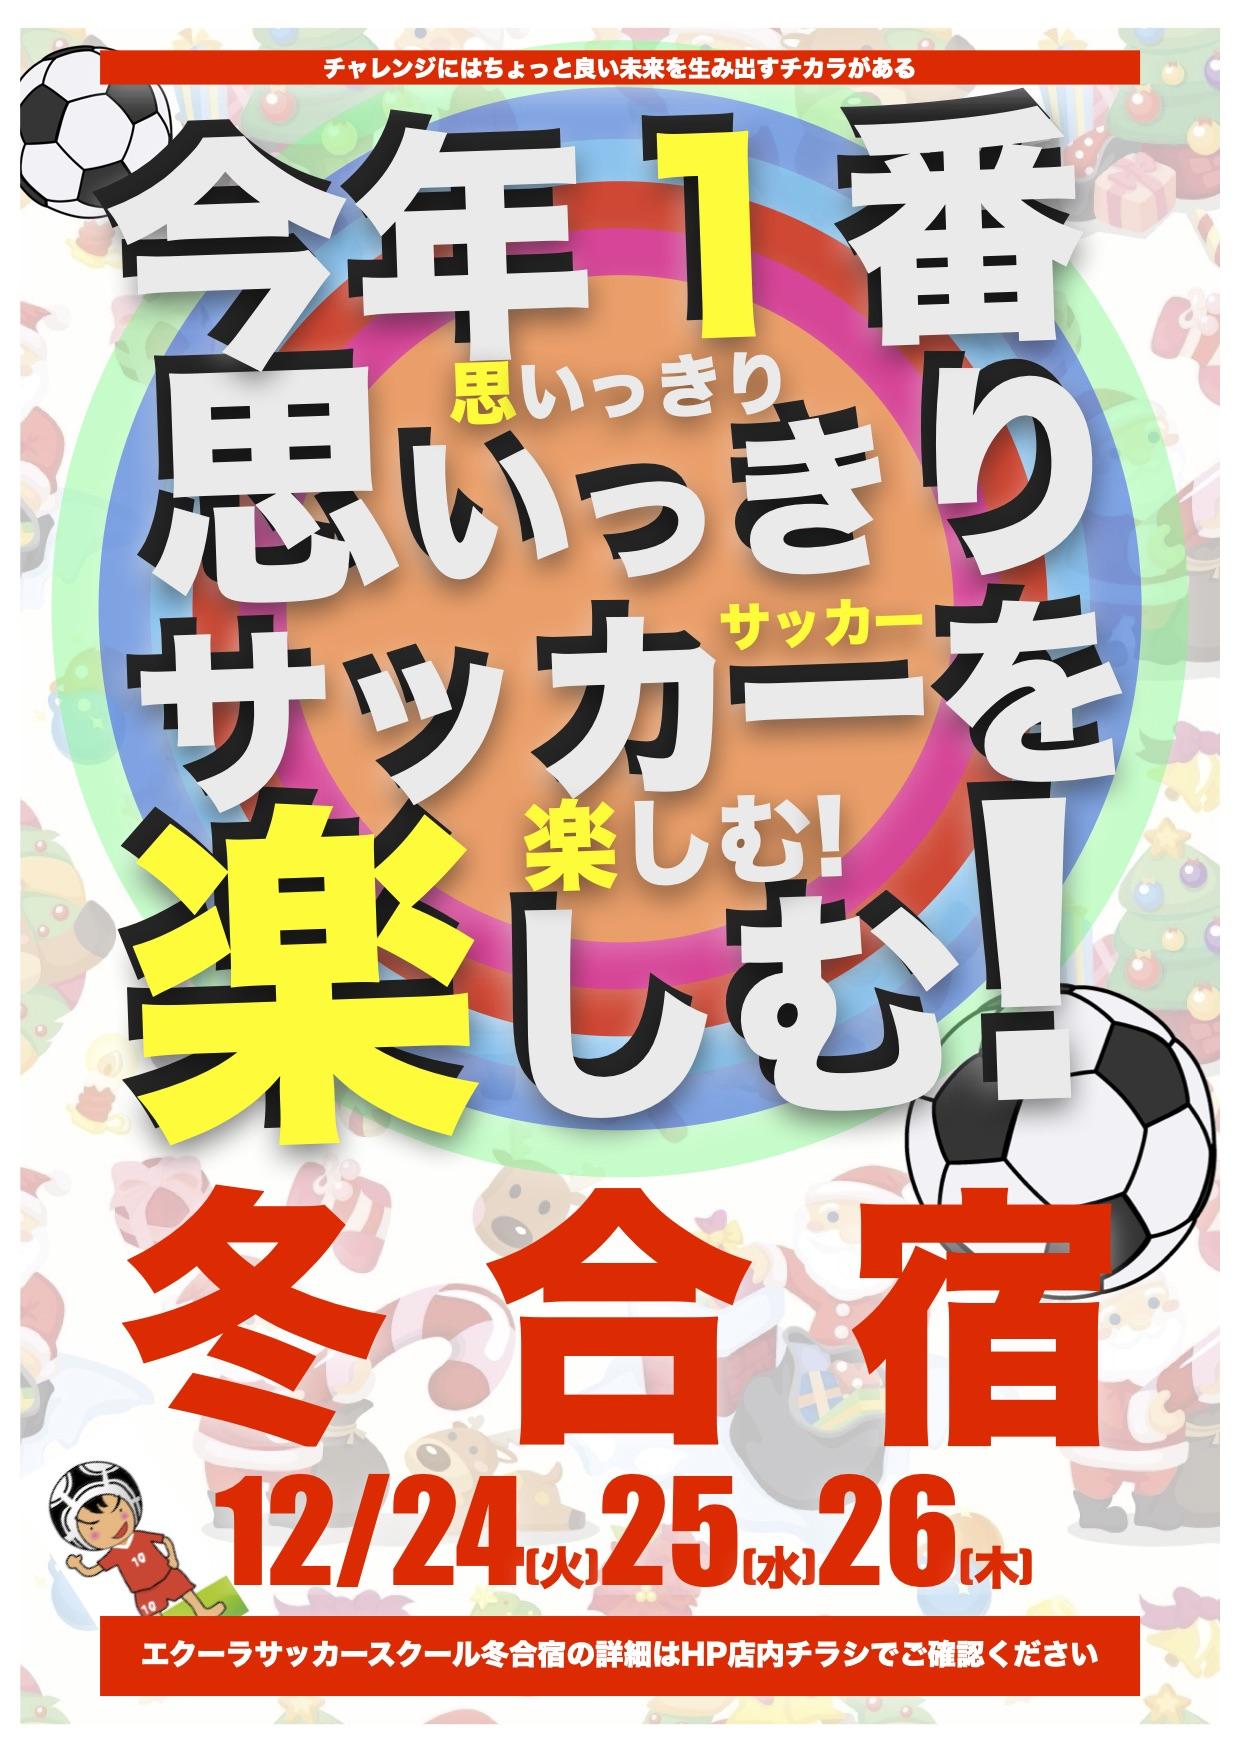 エクーラサッカースクール2019冬合宿12月24・25・26日開催!